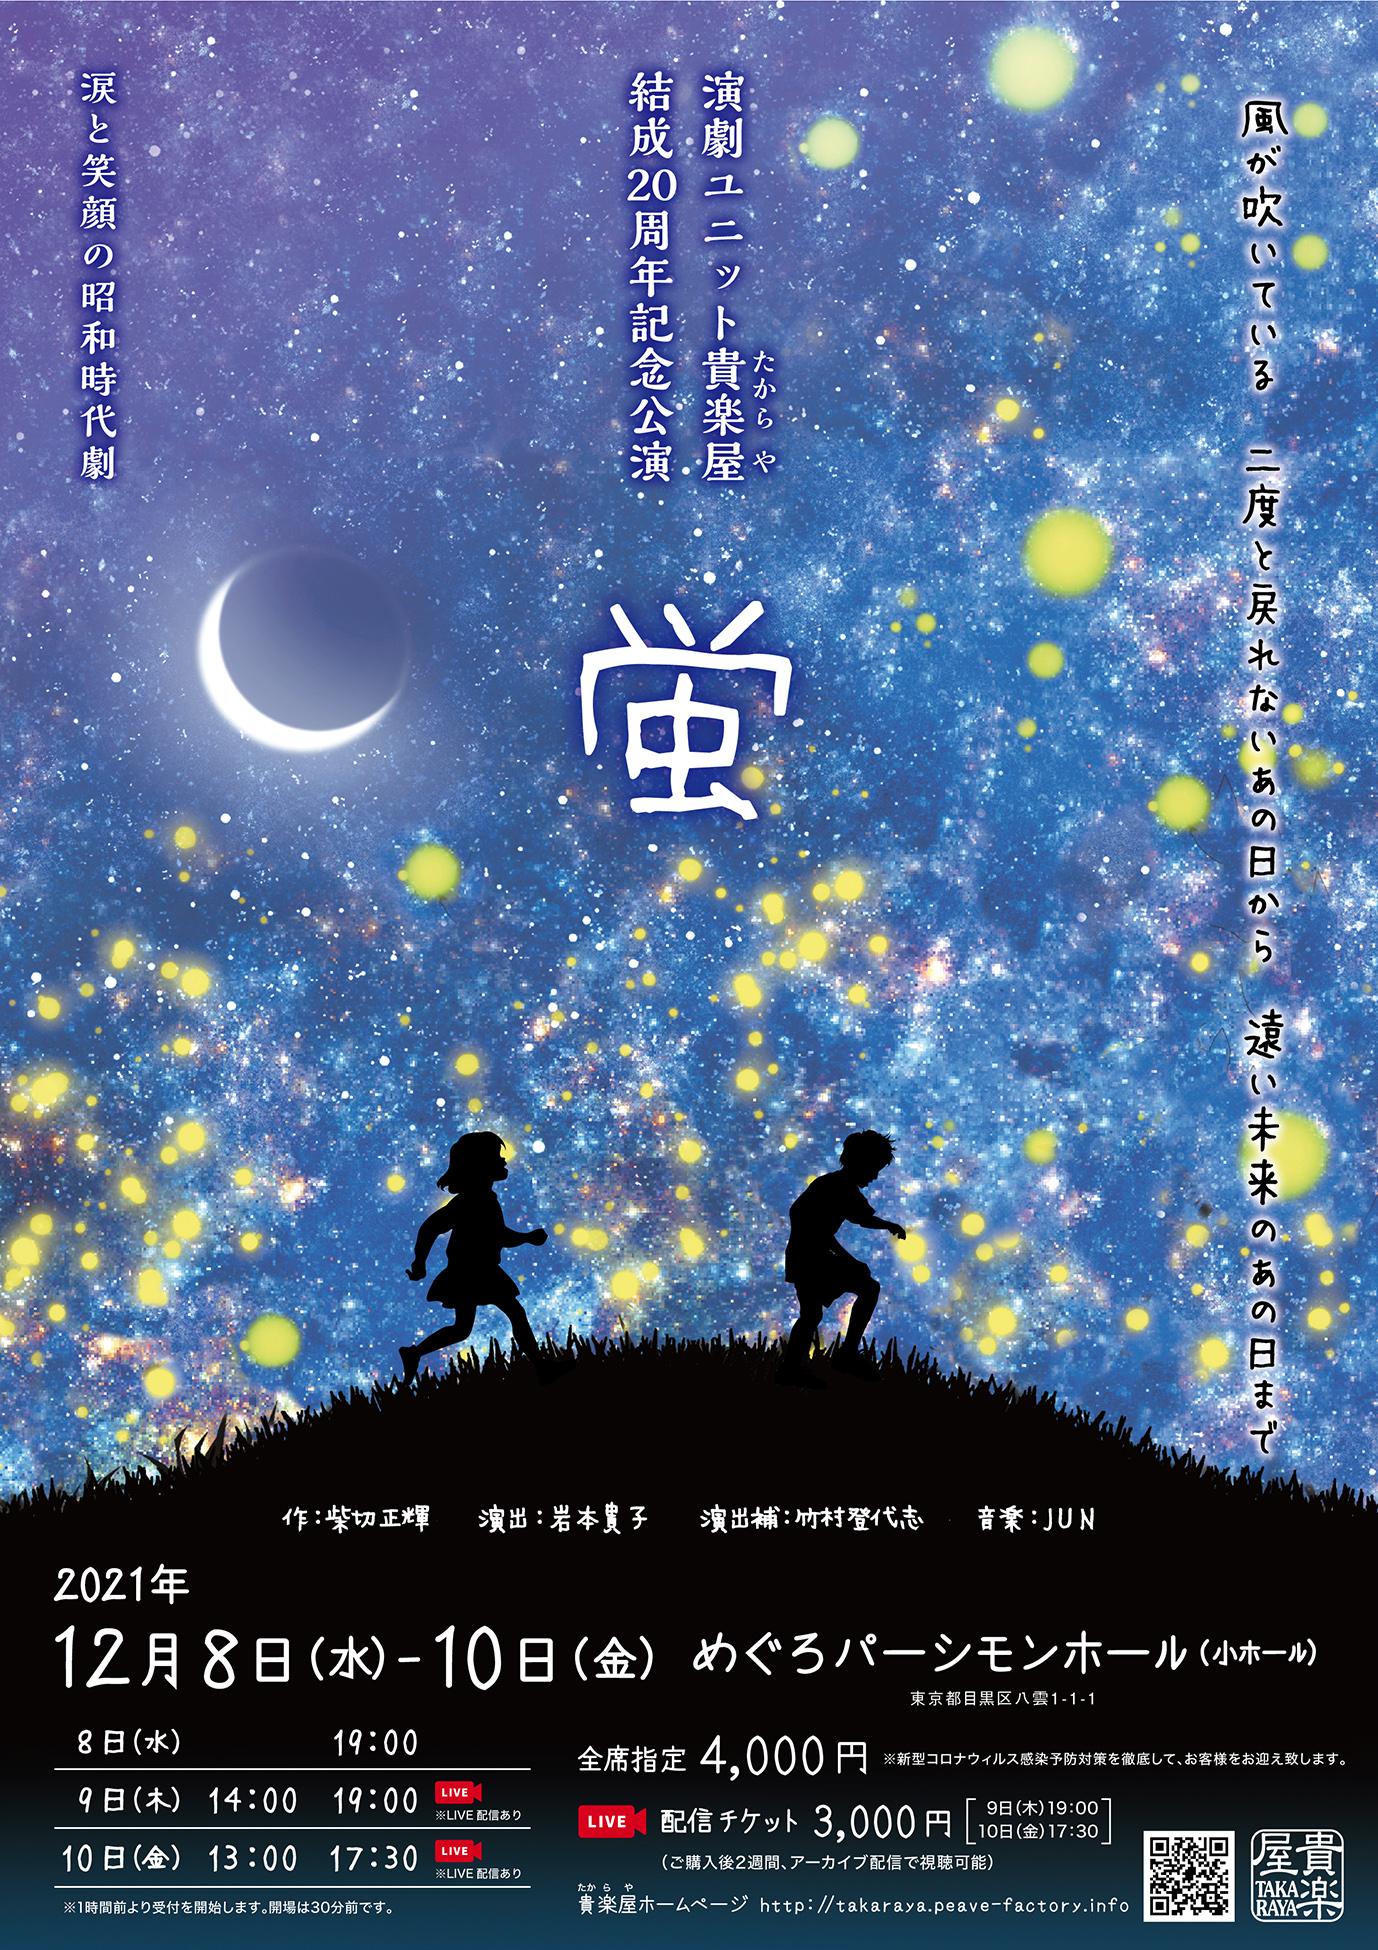 演劇ユニット貴楽屋「蛍」12/10 17:30